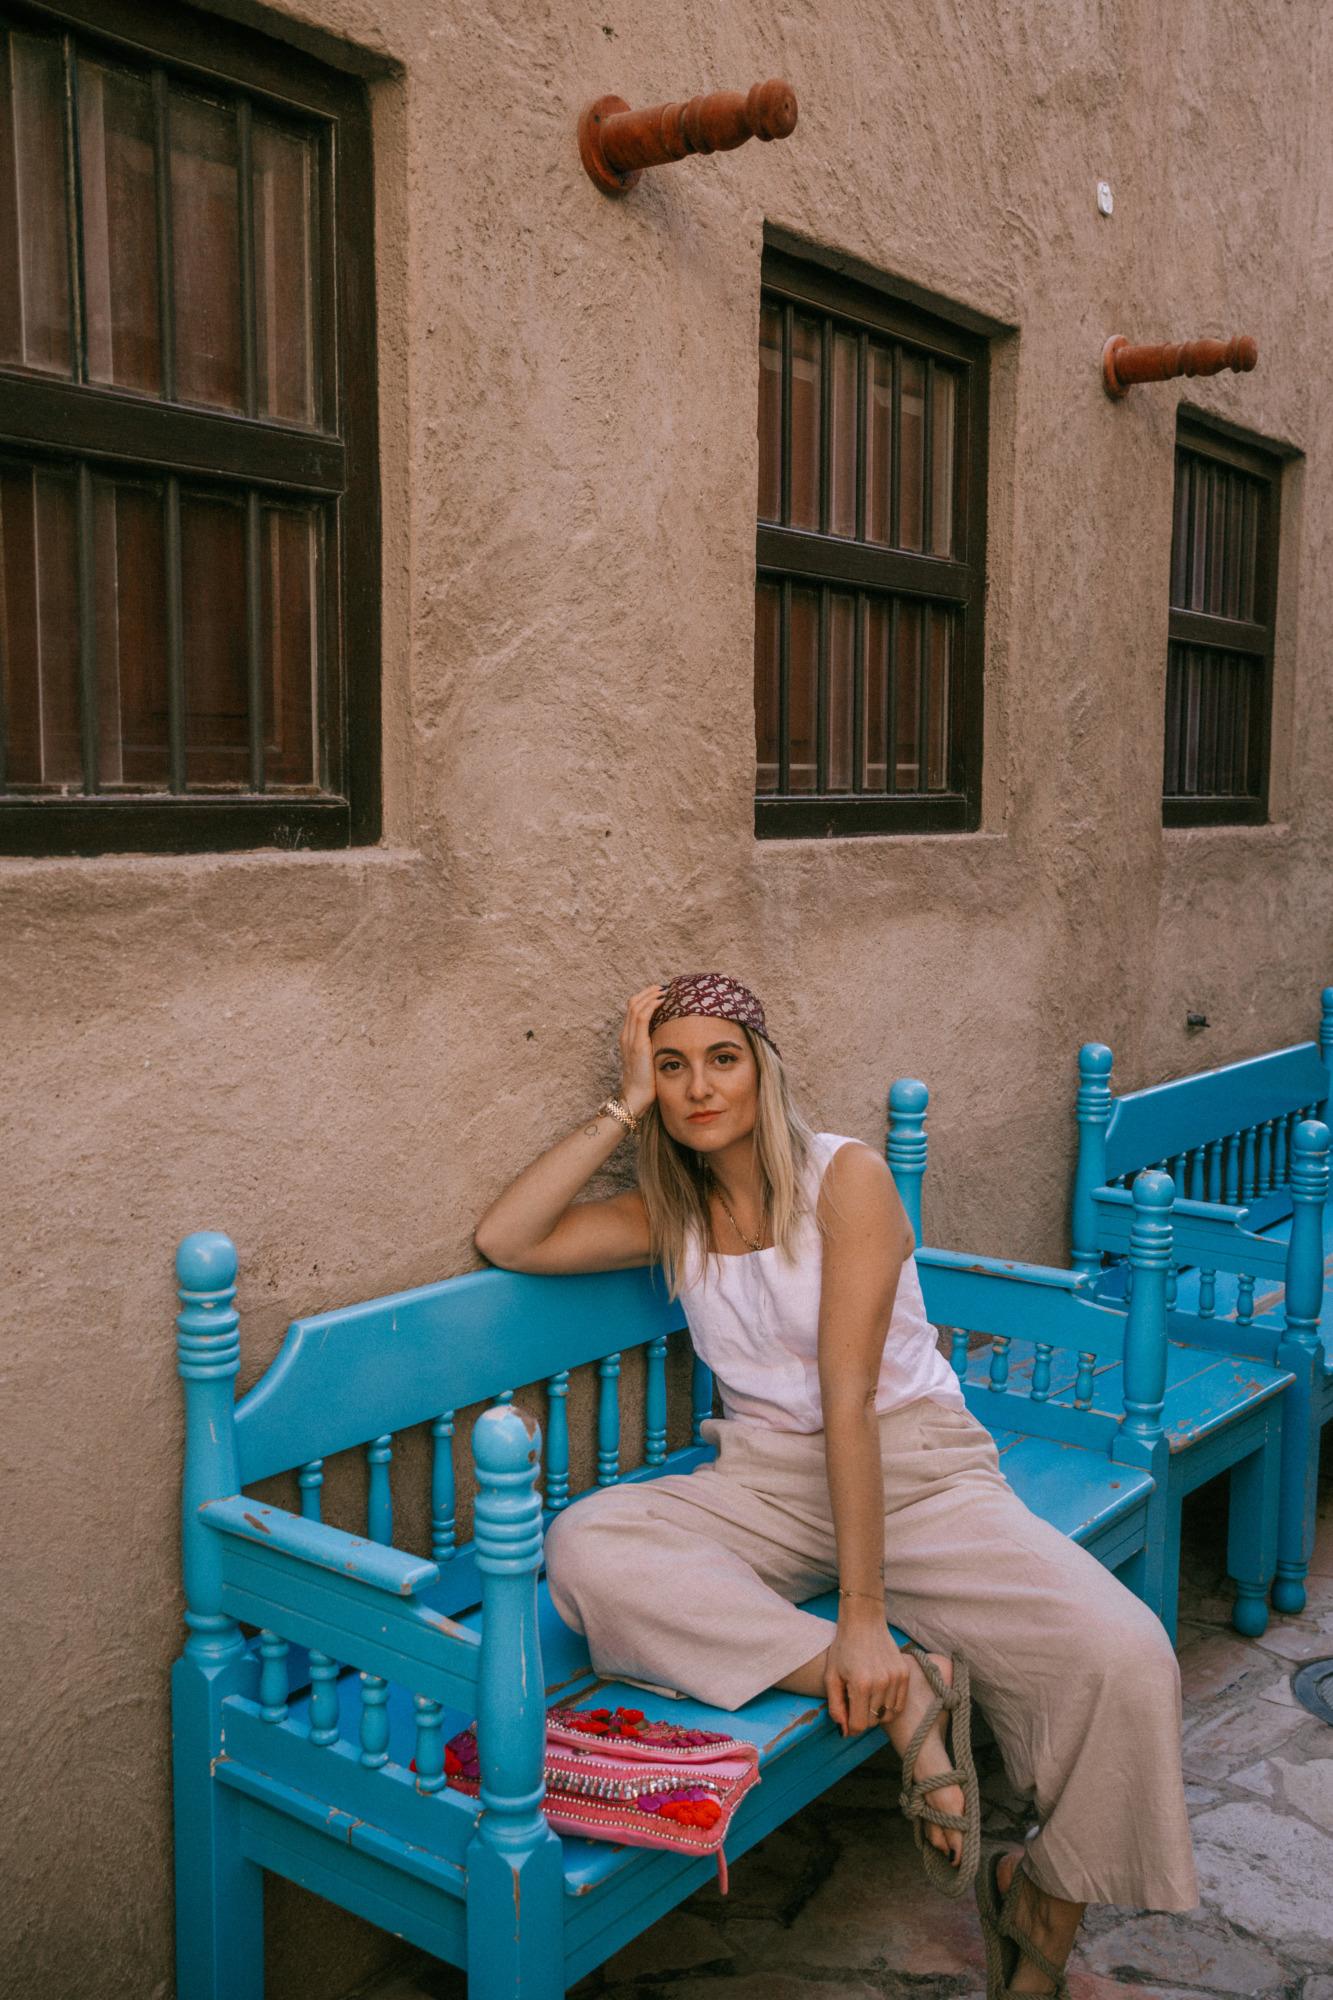 Dubaï - Blondie Baby blog voyages